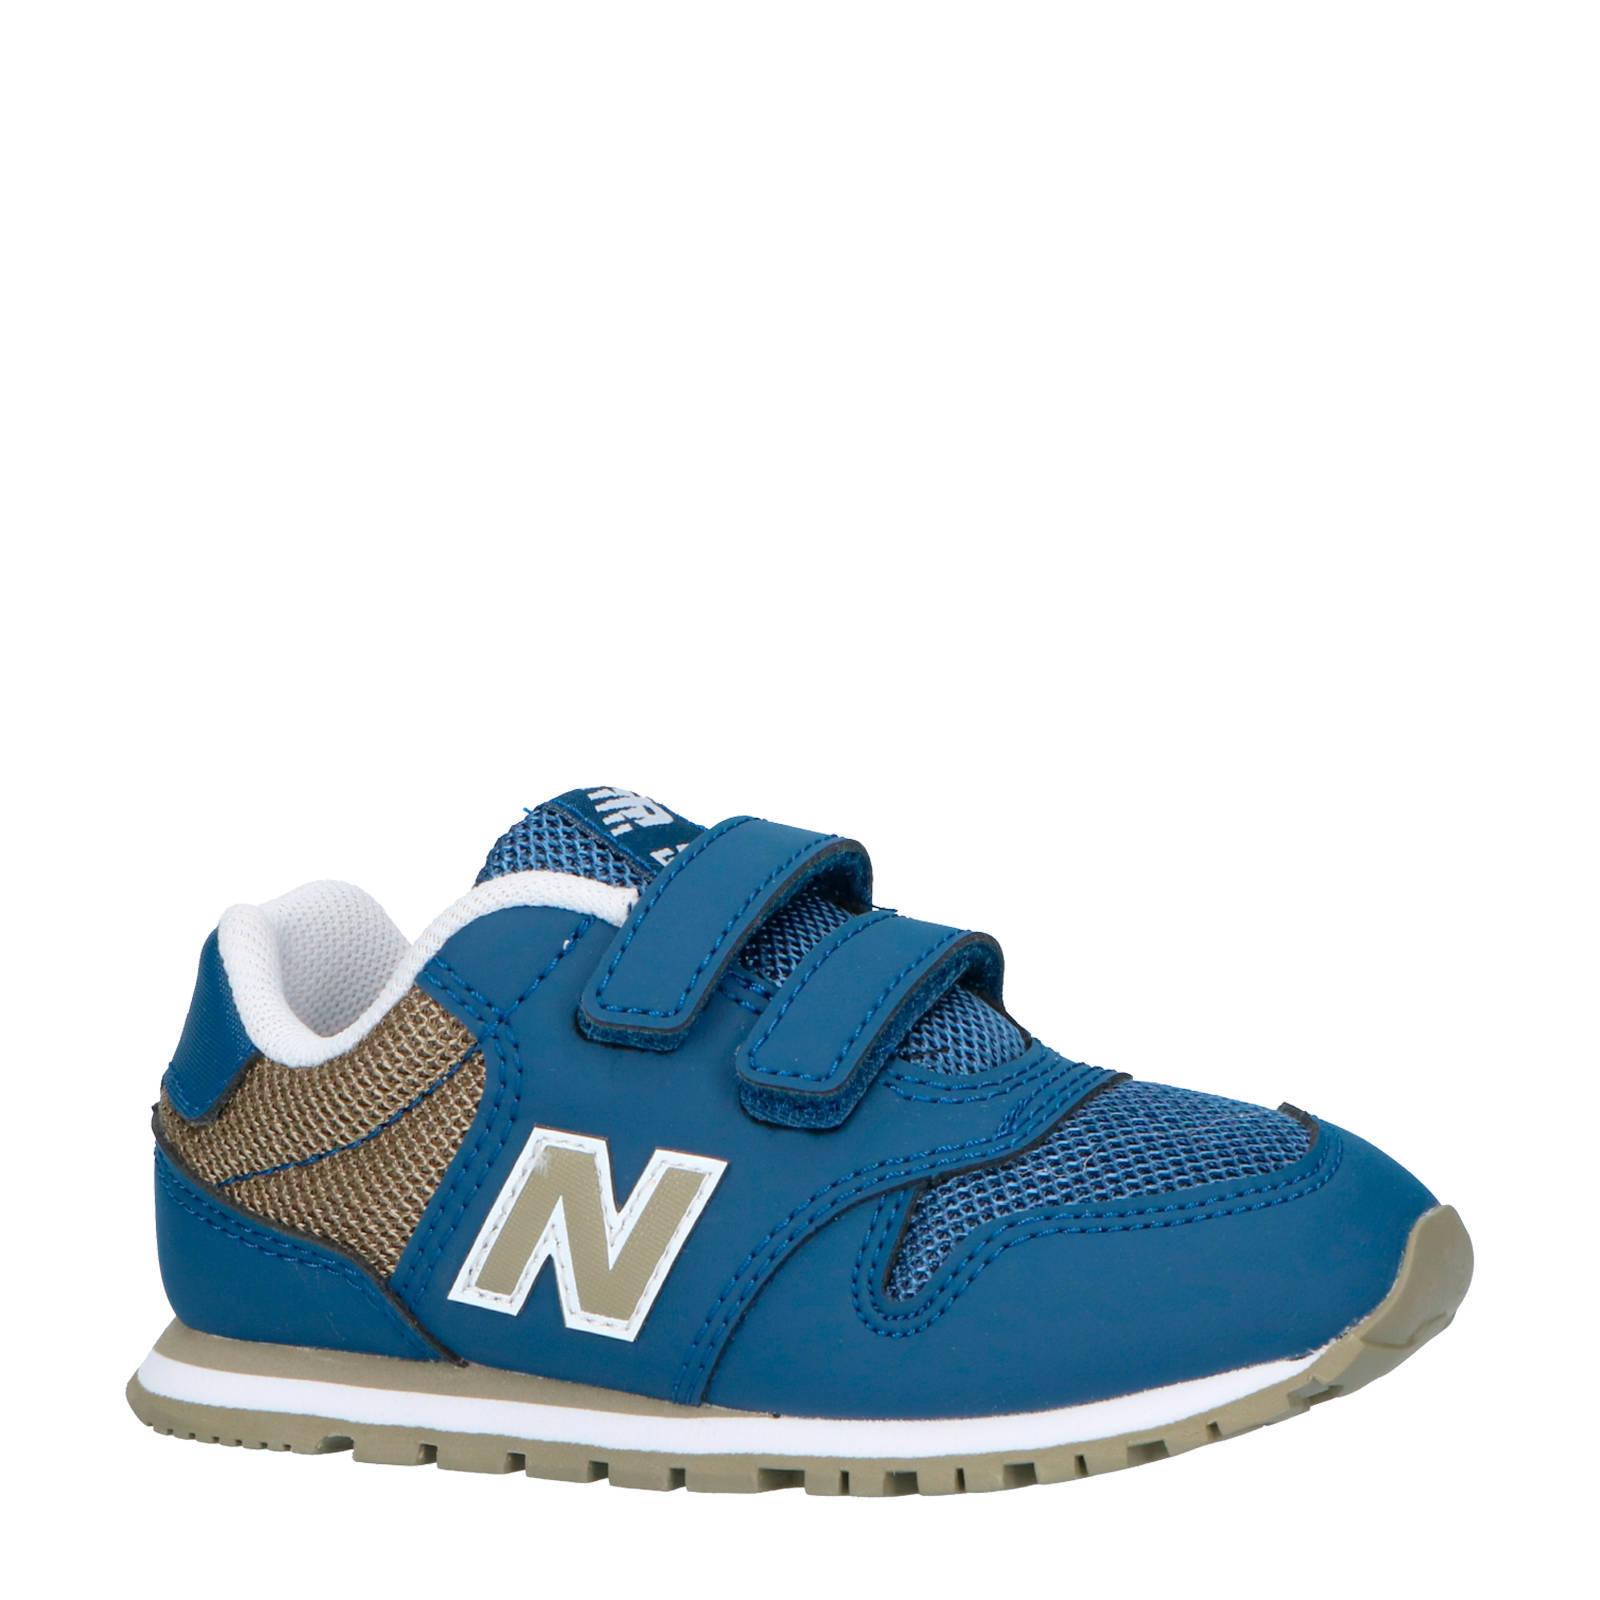 new balance 500 sneakers blauw heren